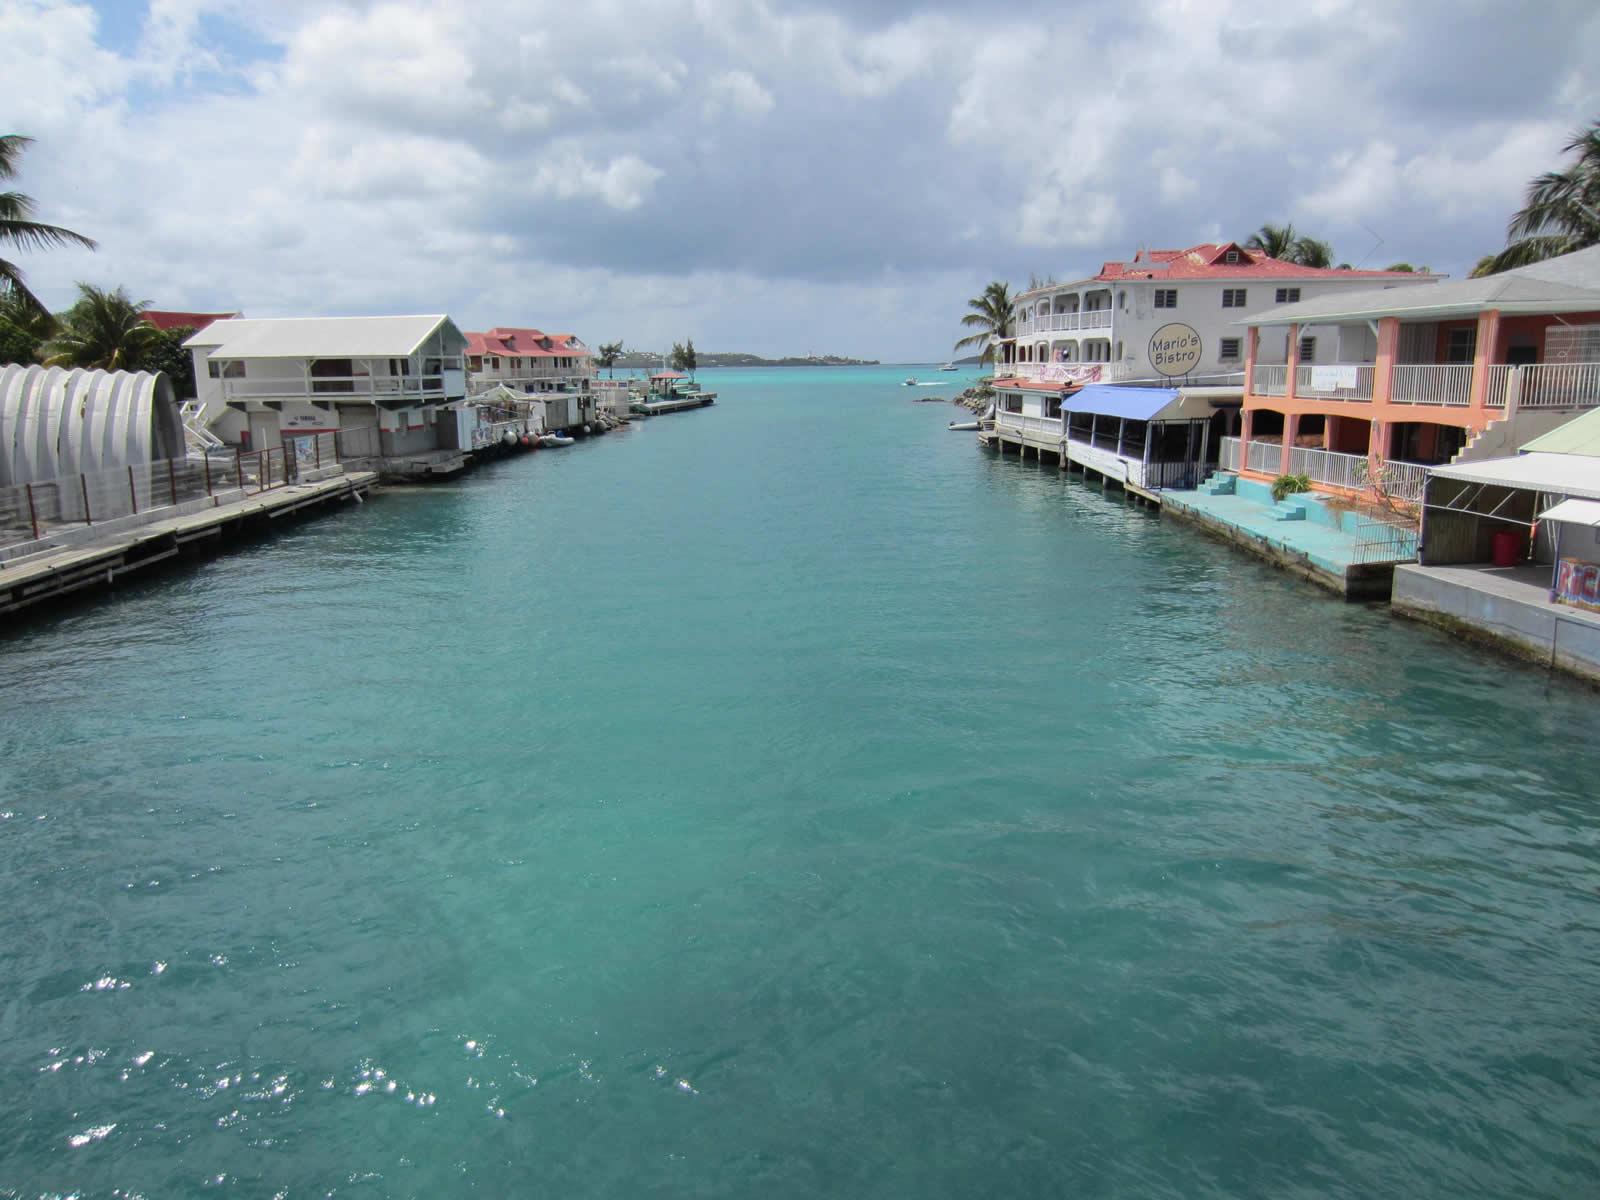 Noleggio Barche Sandy Ground – Isola di St. Martin - Navalia   Noleggia un Sogno